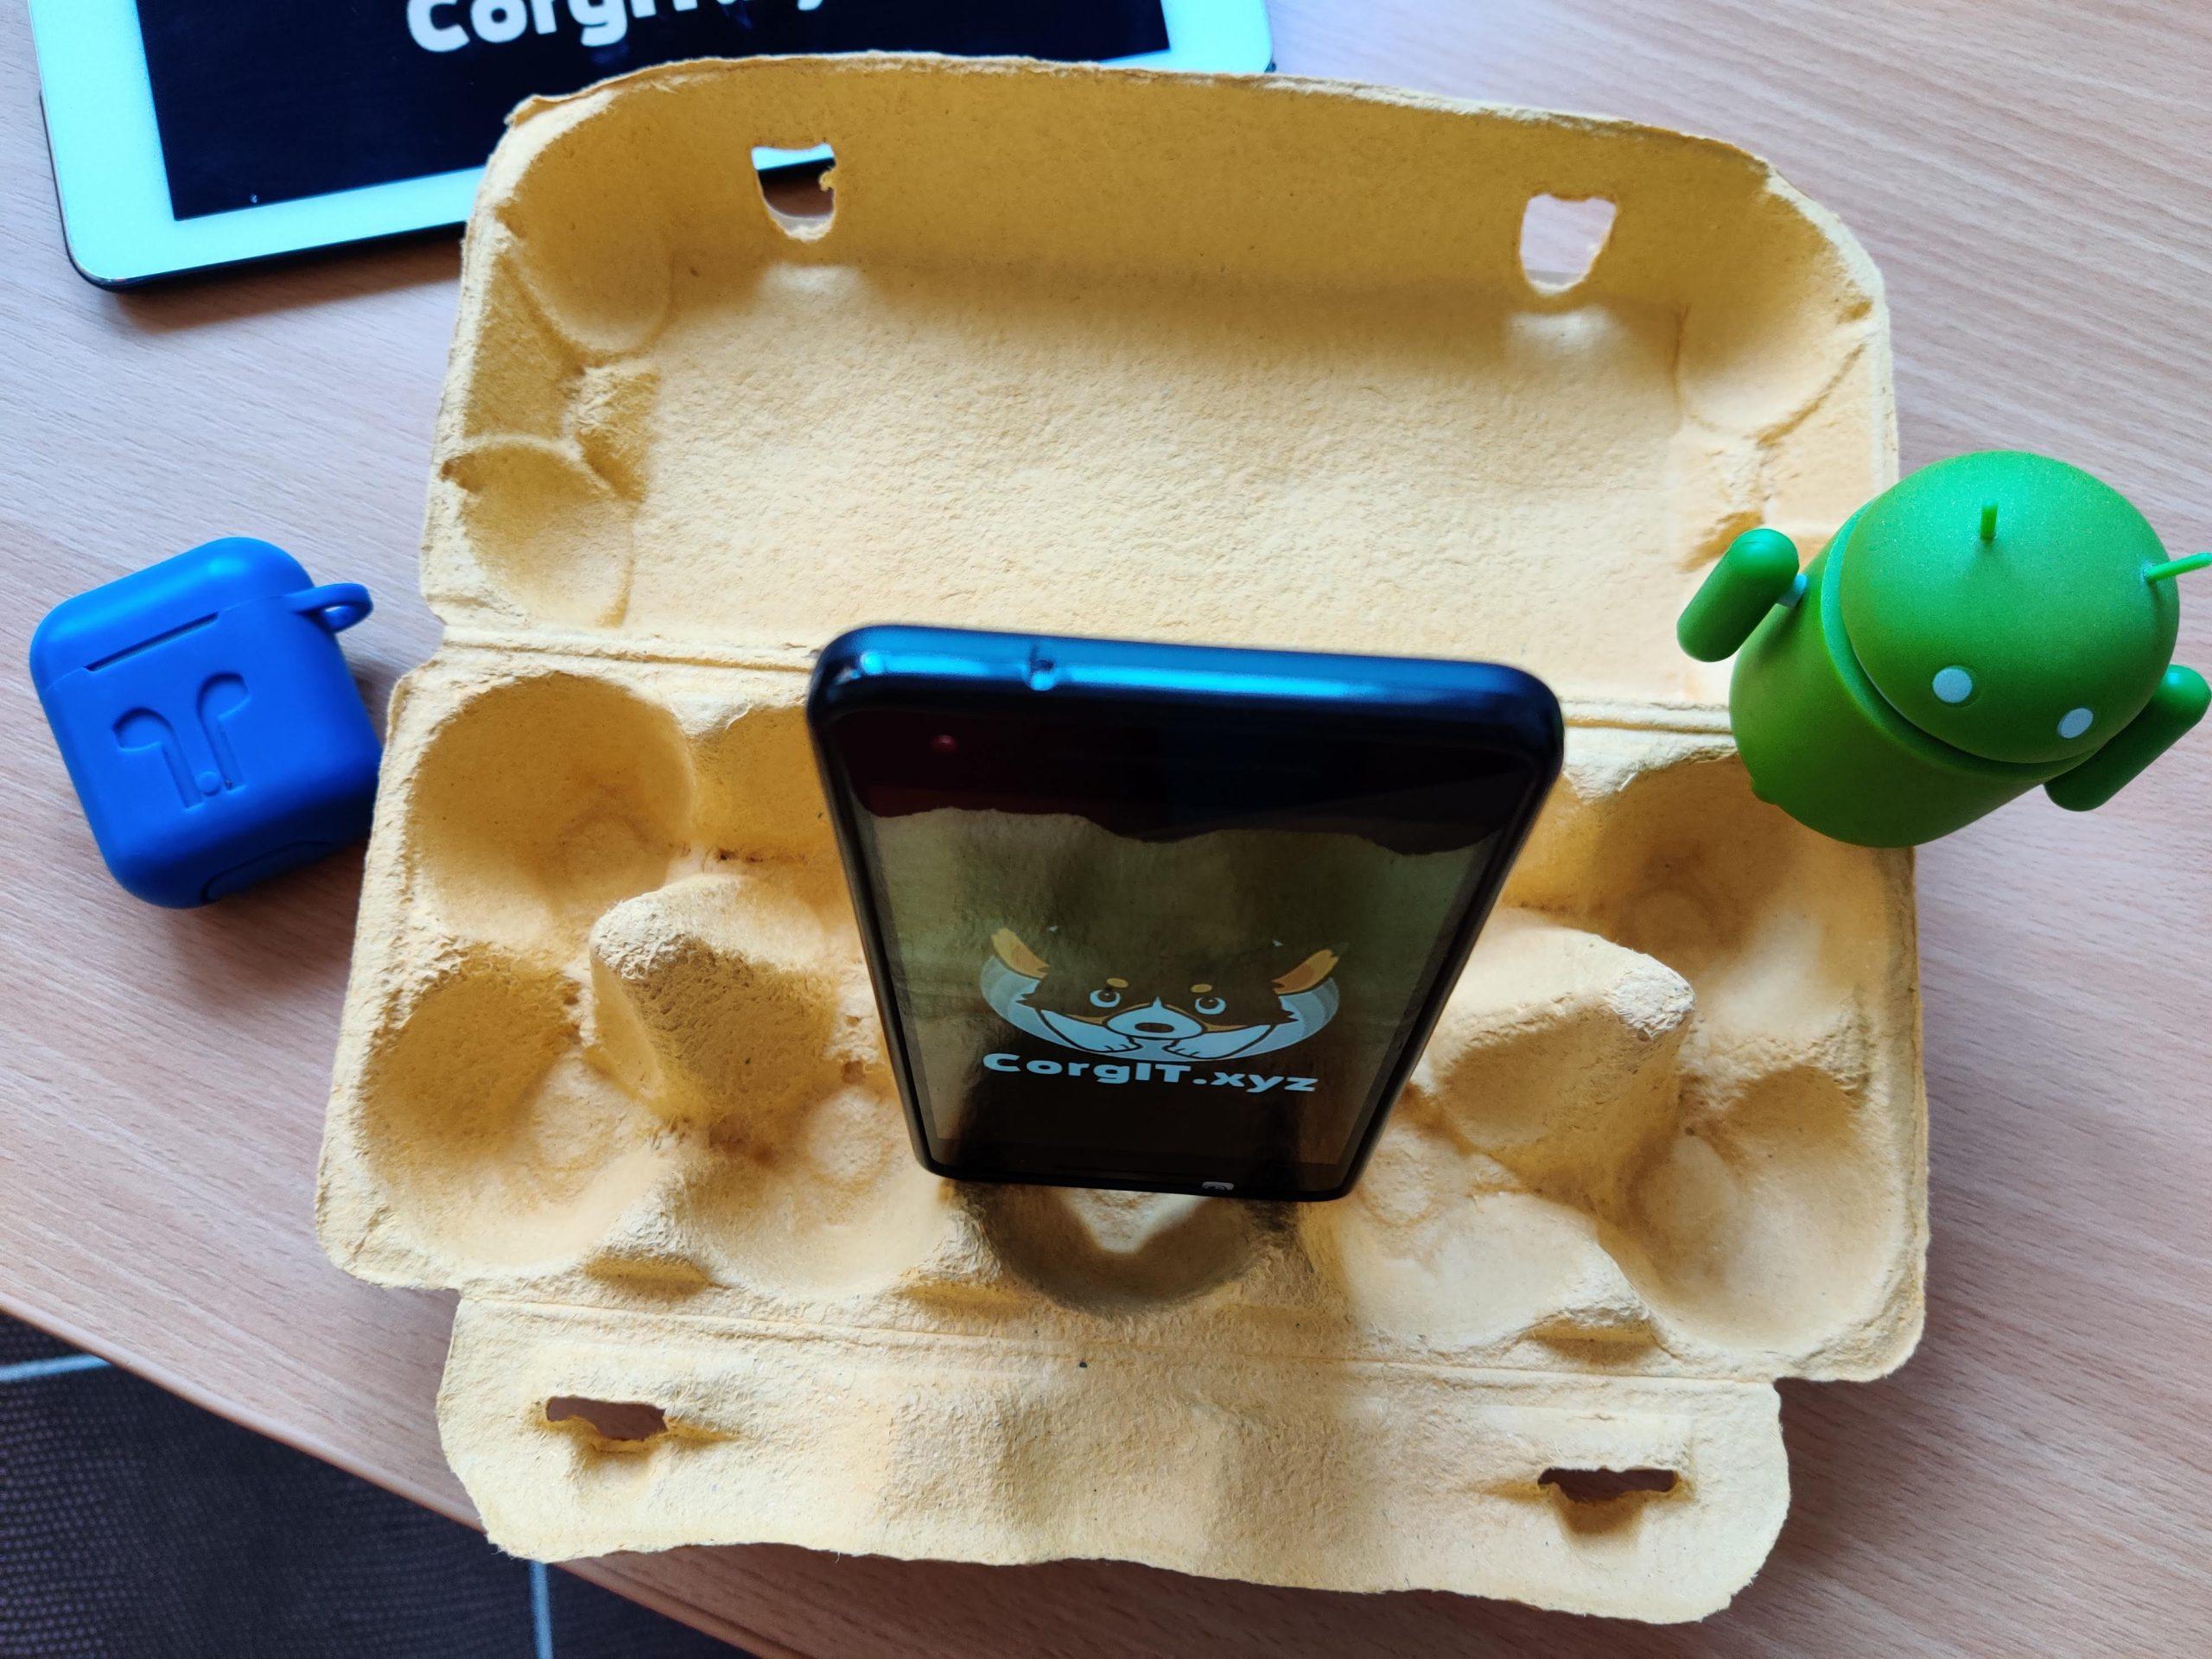 подставка для смартфона из контейнера из под яиц